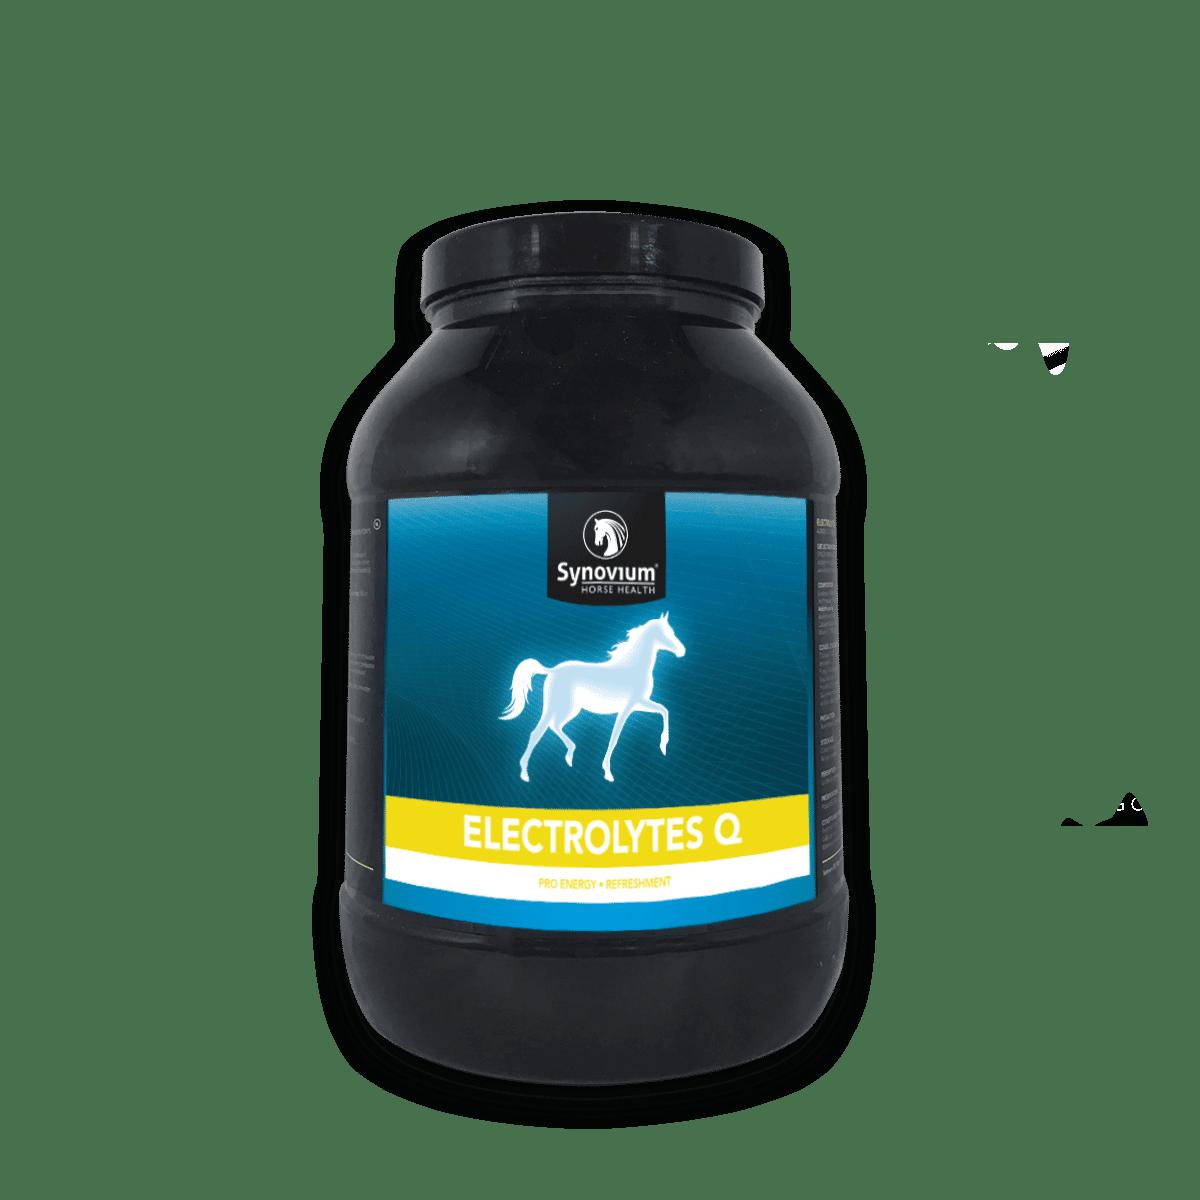 Electrolytes for horses, Synovium electrolytes Q